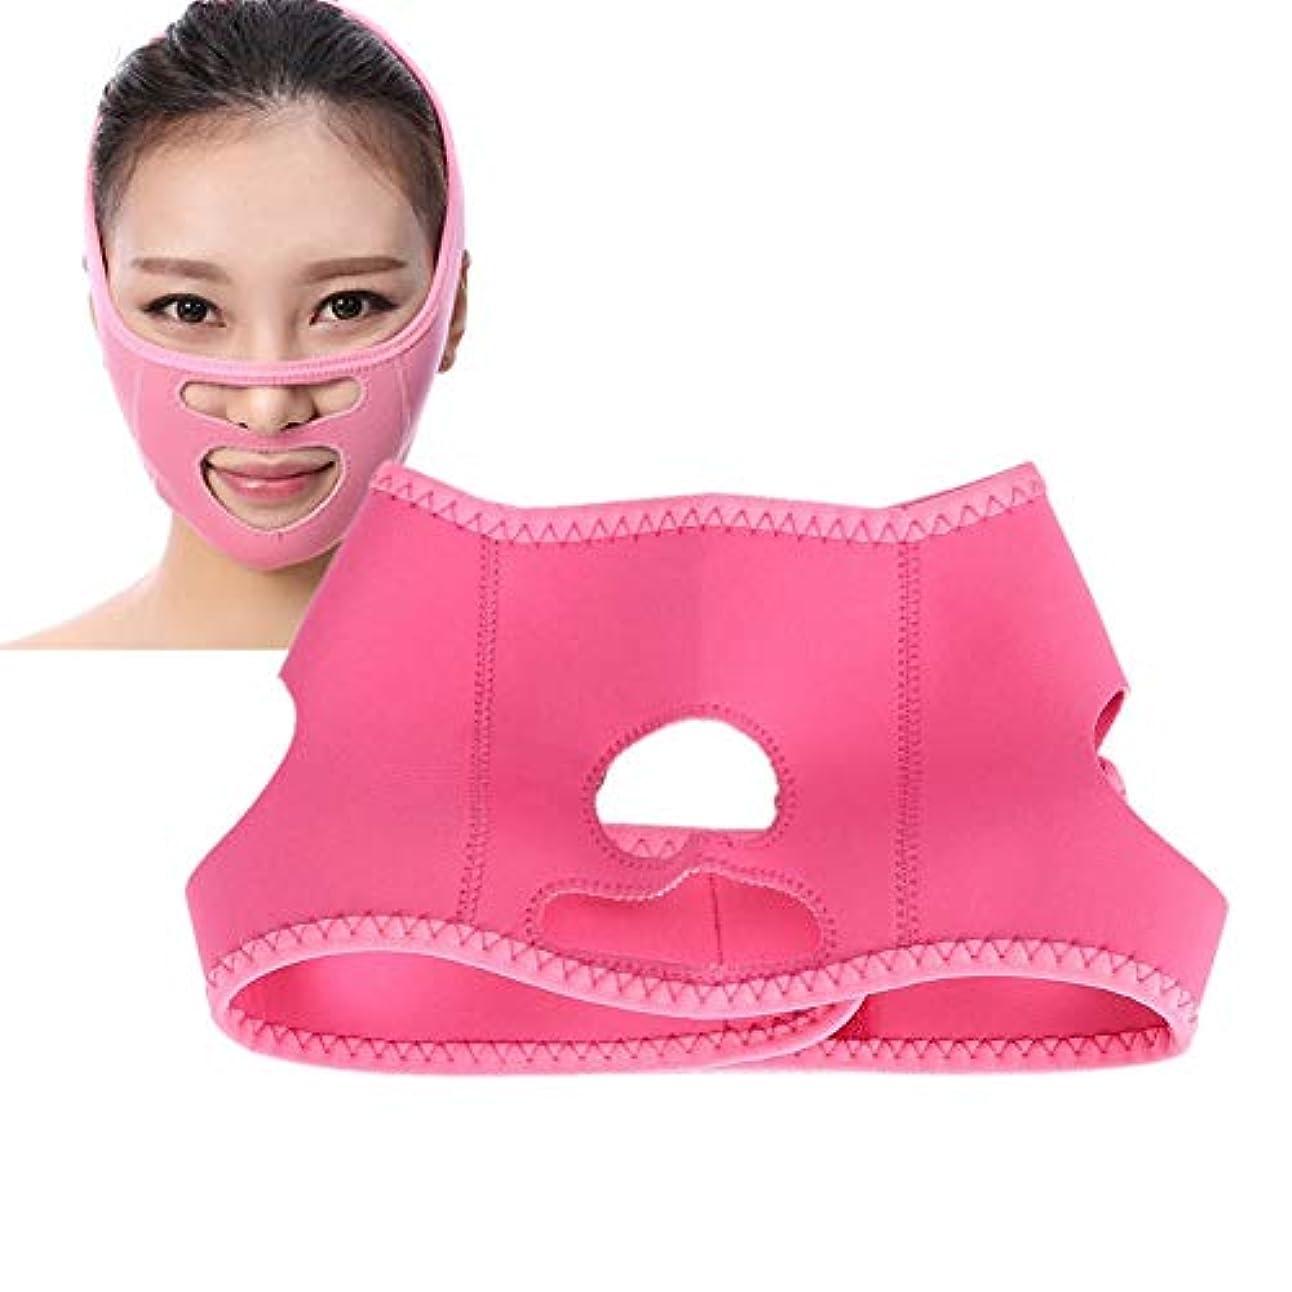 公平区画乗り出すフェイスマスク 低反発素材 通気 小顔 矯正 顔痩せ 筋肉弛緩 二重あご 補正ベルト